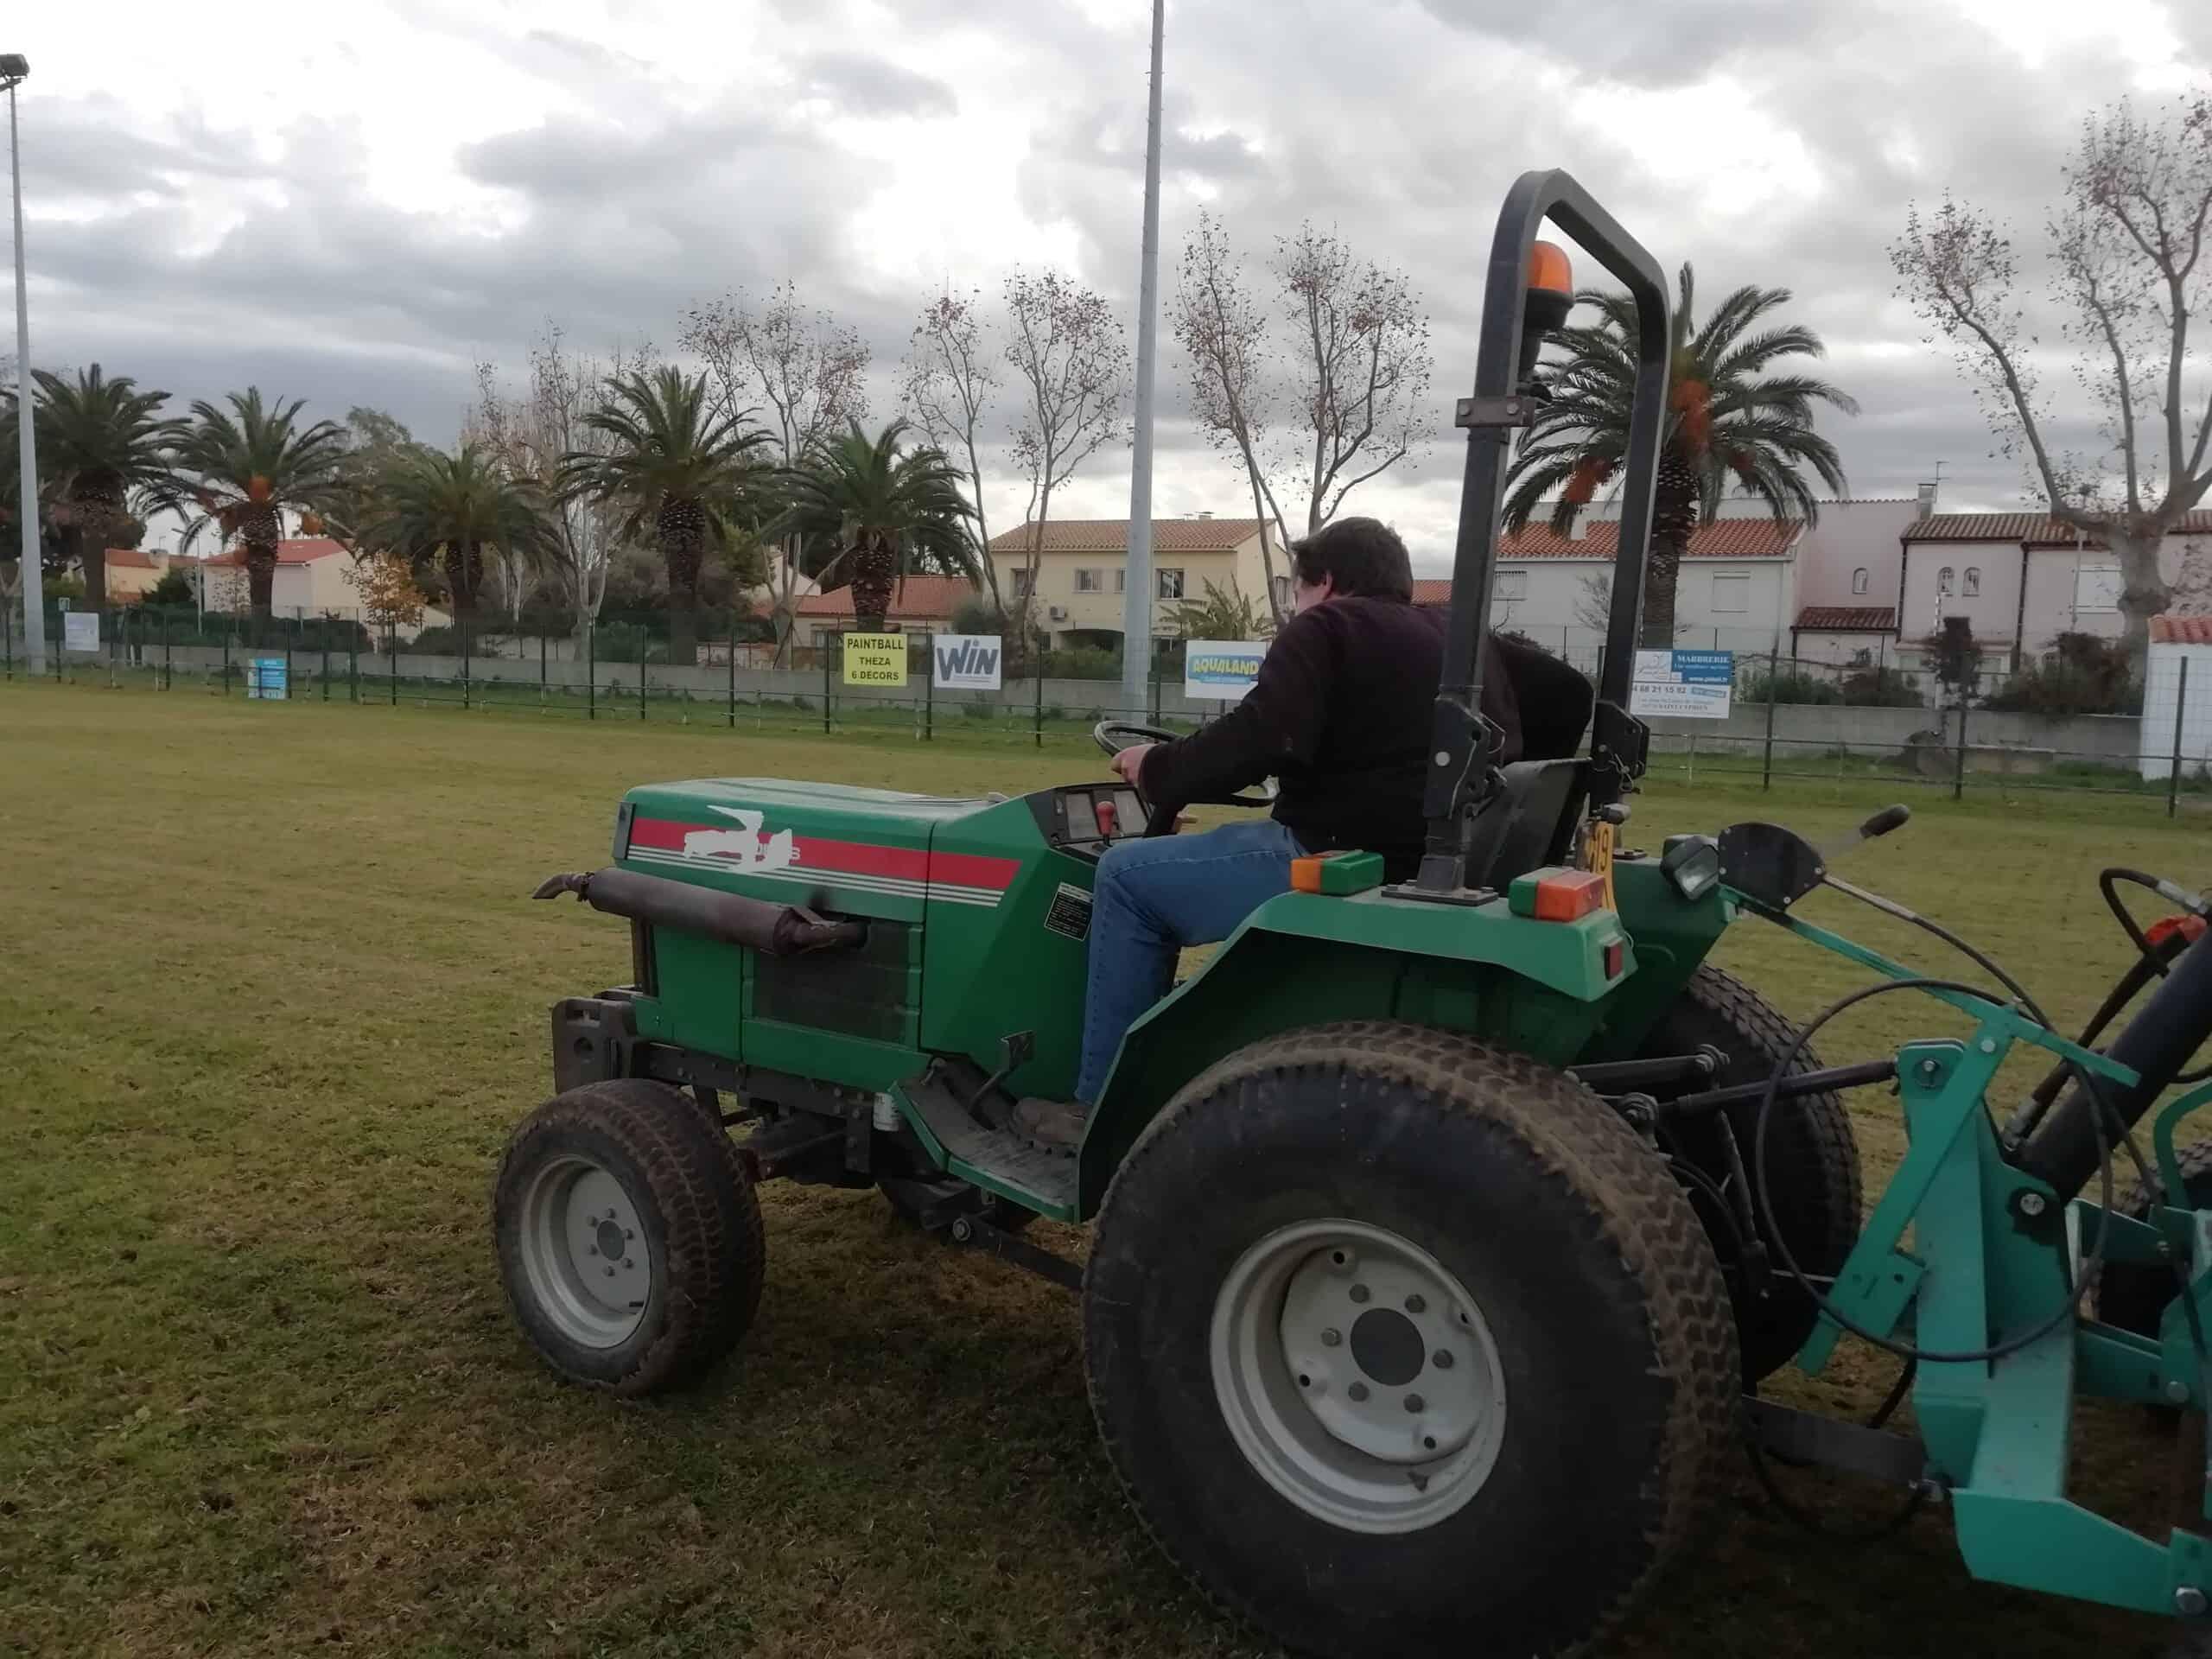 Entretien stade - Arnaudies Paysagiste